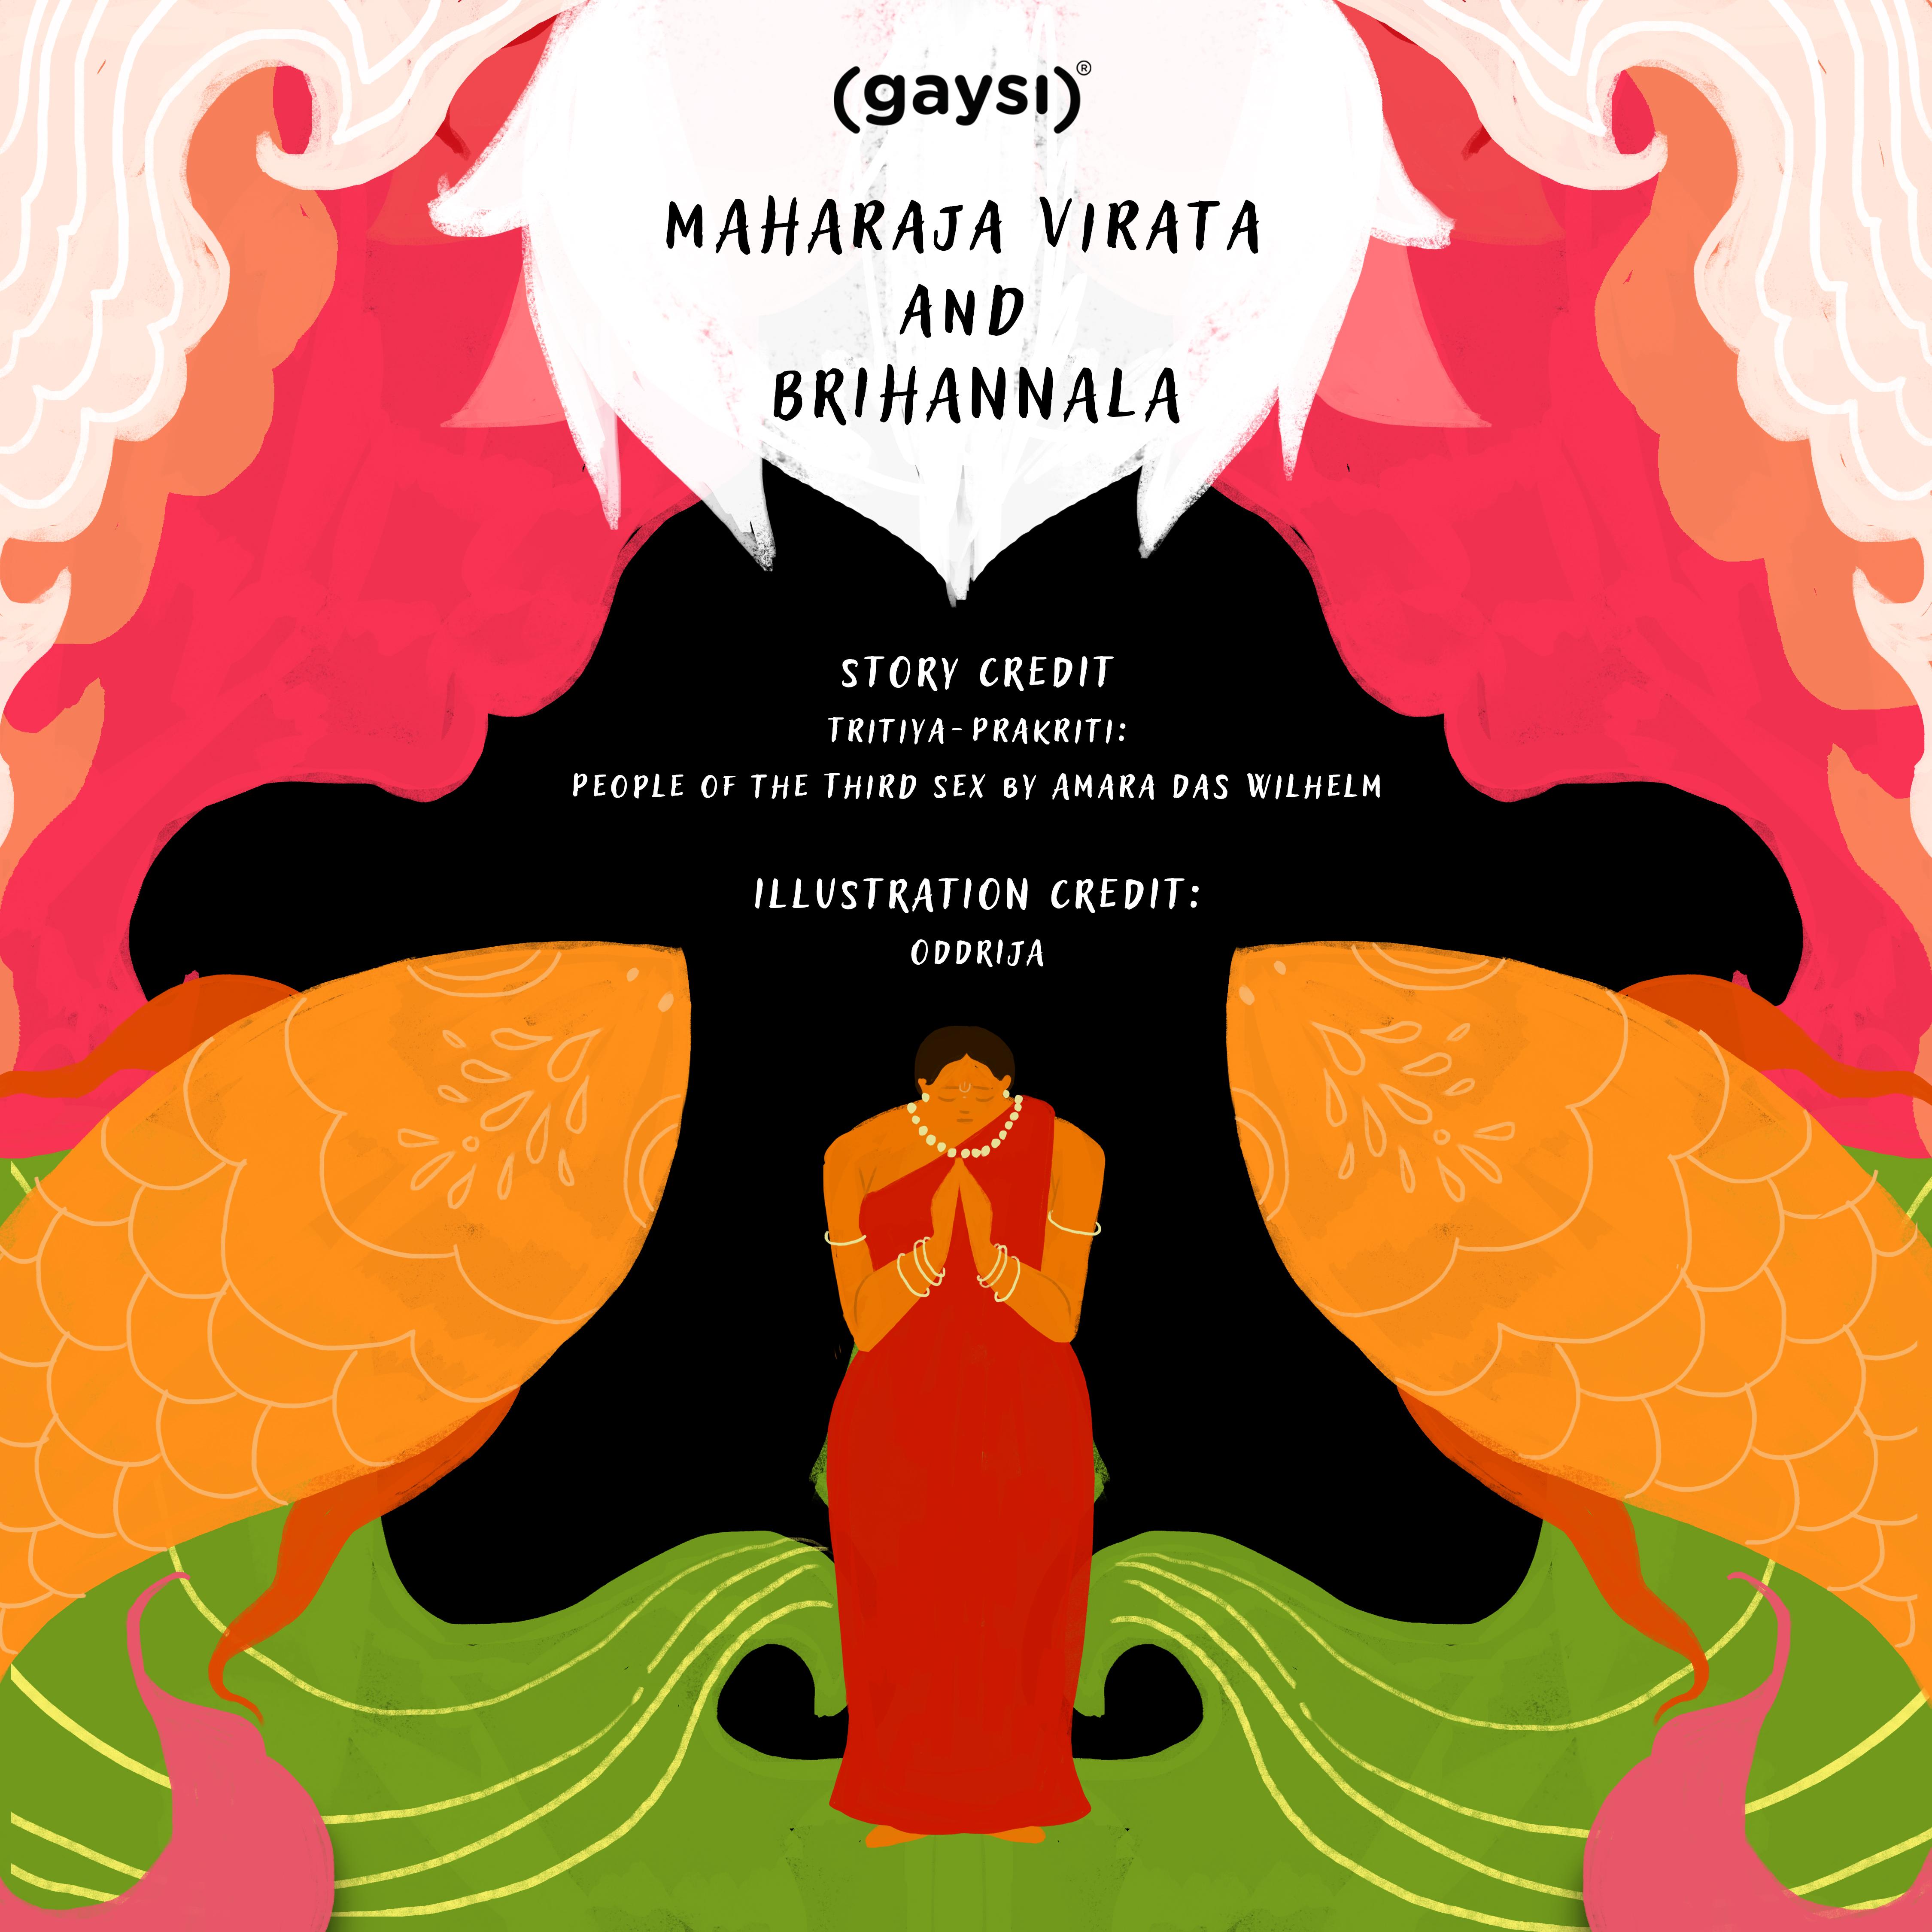 Queer Mythology: Maharaja Virata And Brihannala